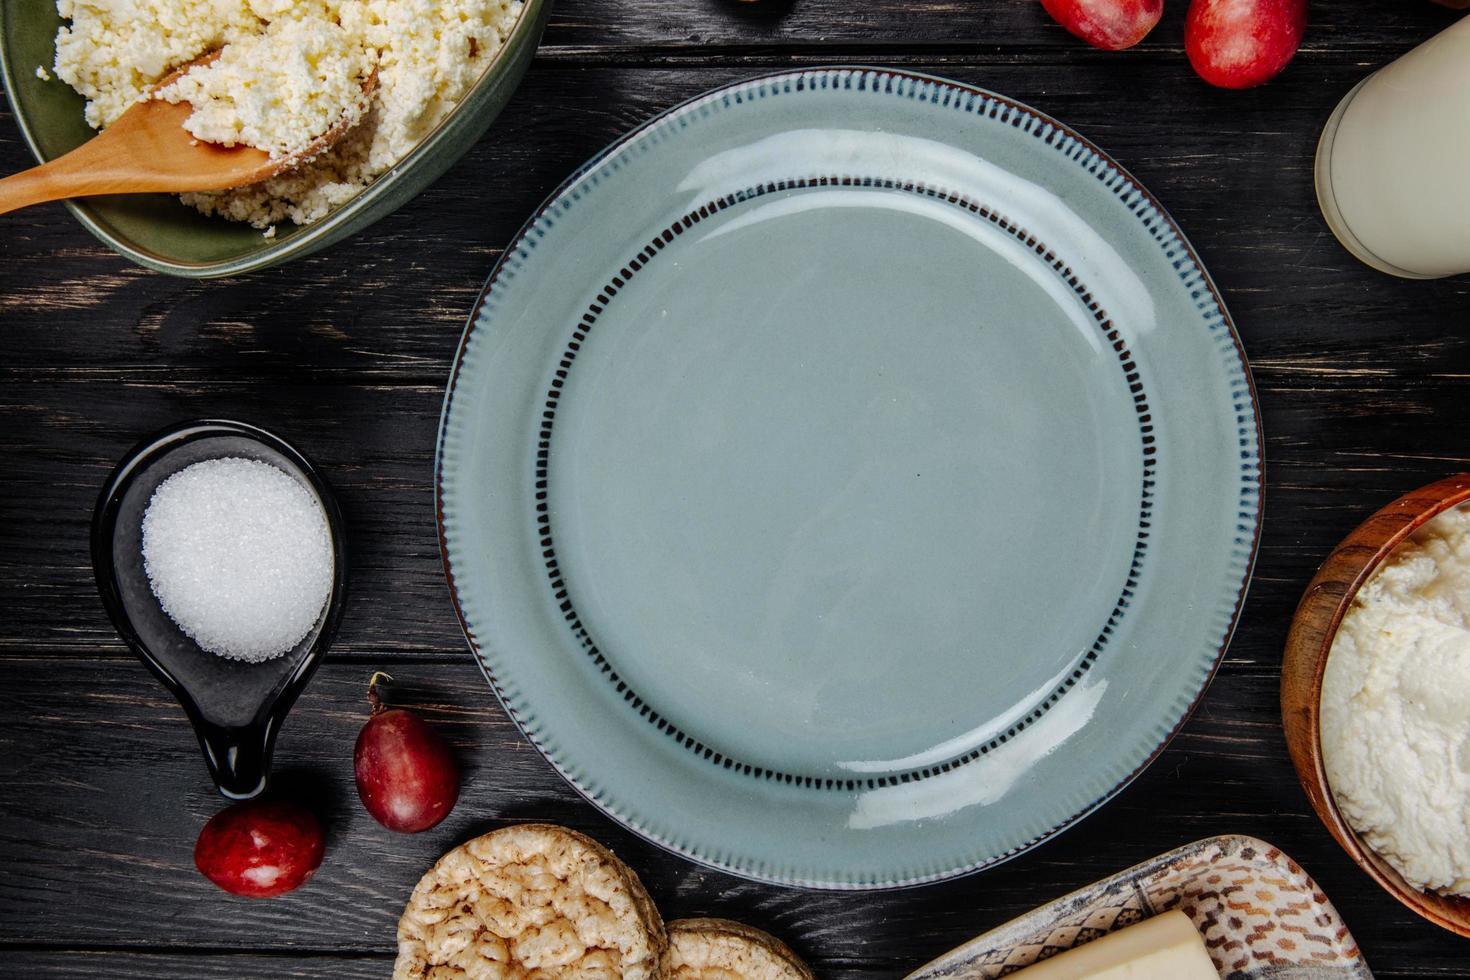 vista superior de un plato con aperitivos foto